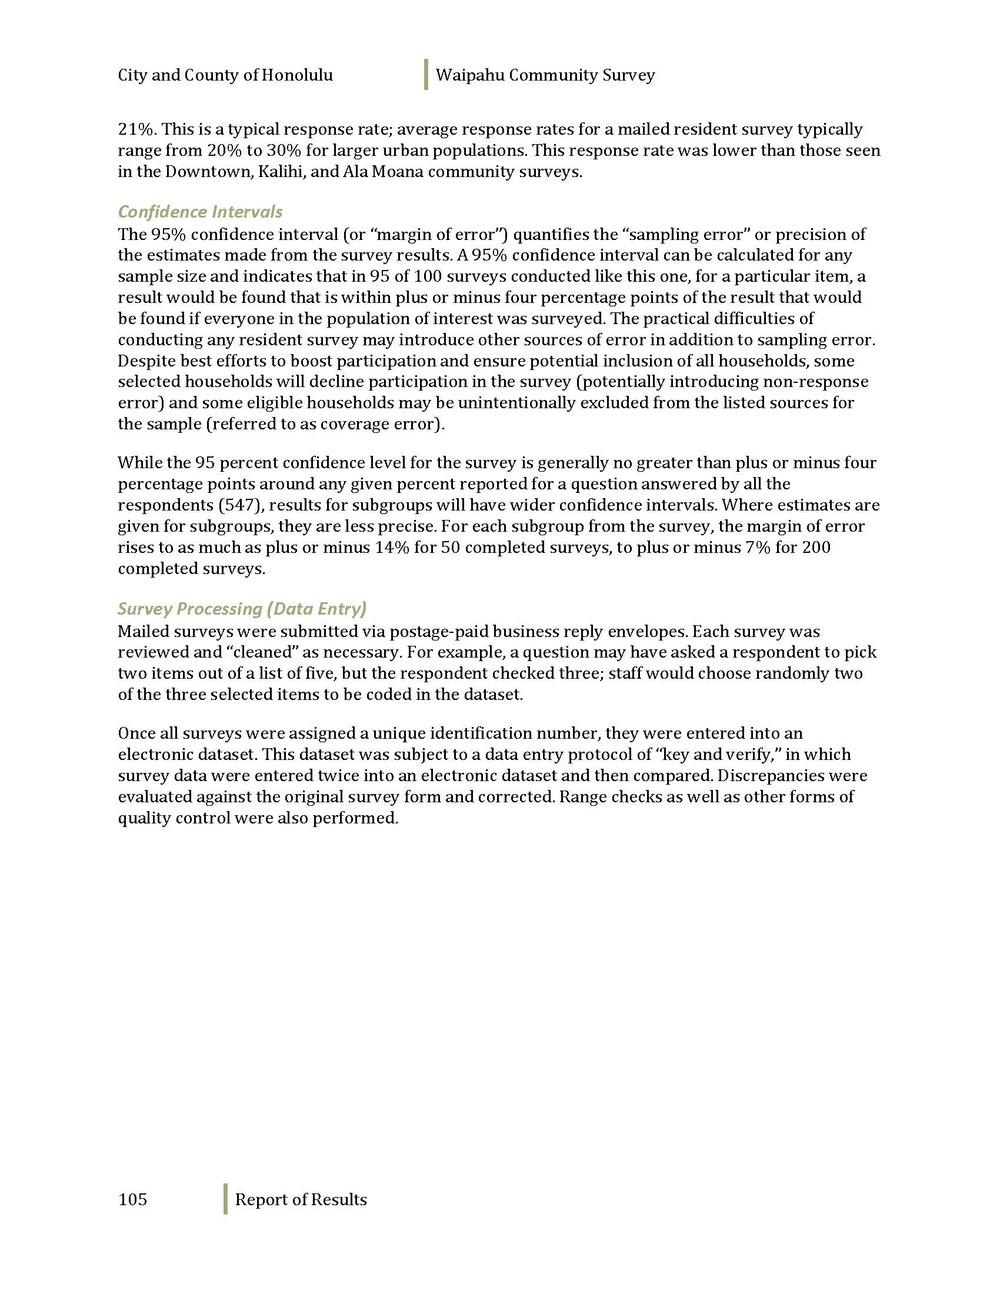 160608_WaipahuCommunitySurvey_Dec2012_Page_107.jpg